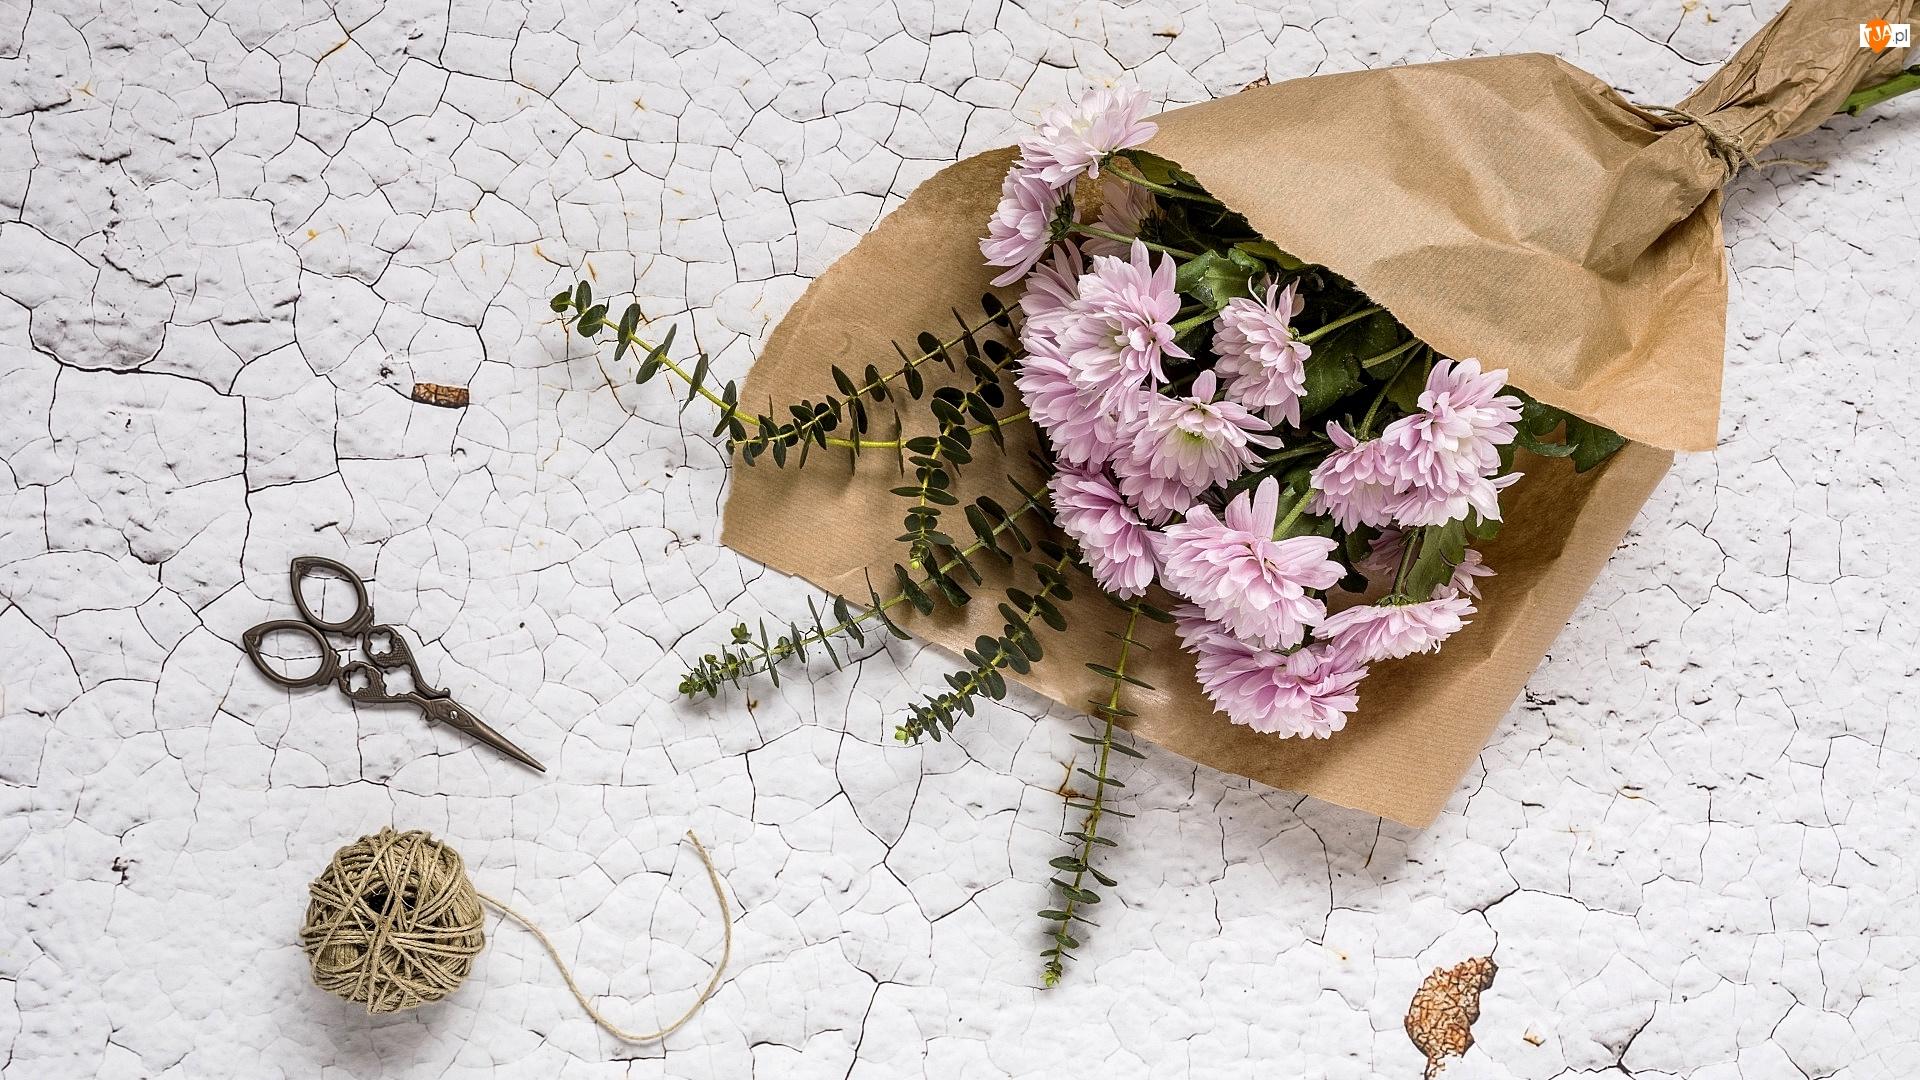 Bukiet, Kwiaty, Drewno, Chryzantemy, Obdrapane, Sznurek, Nożyczki